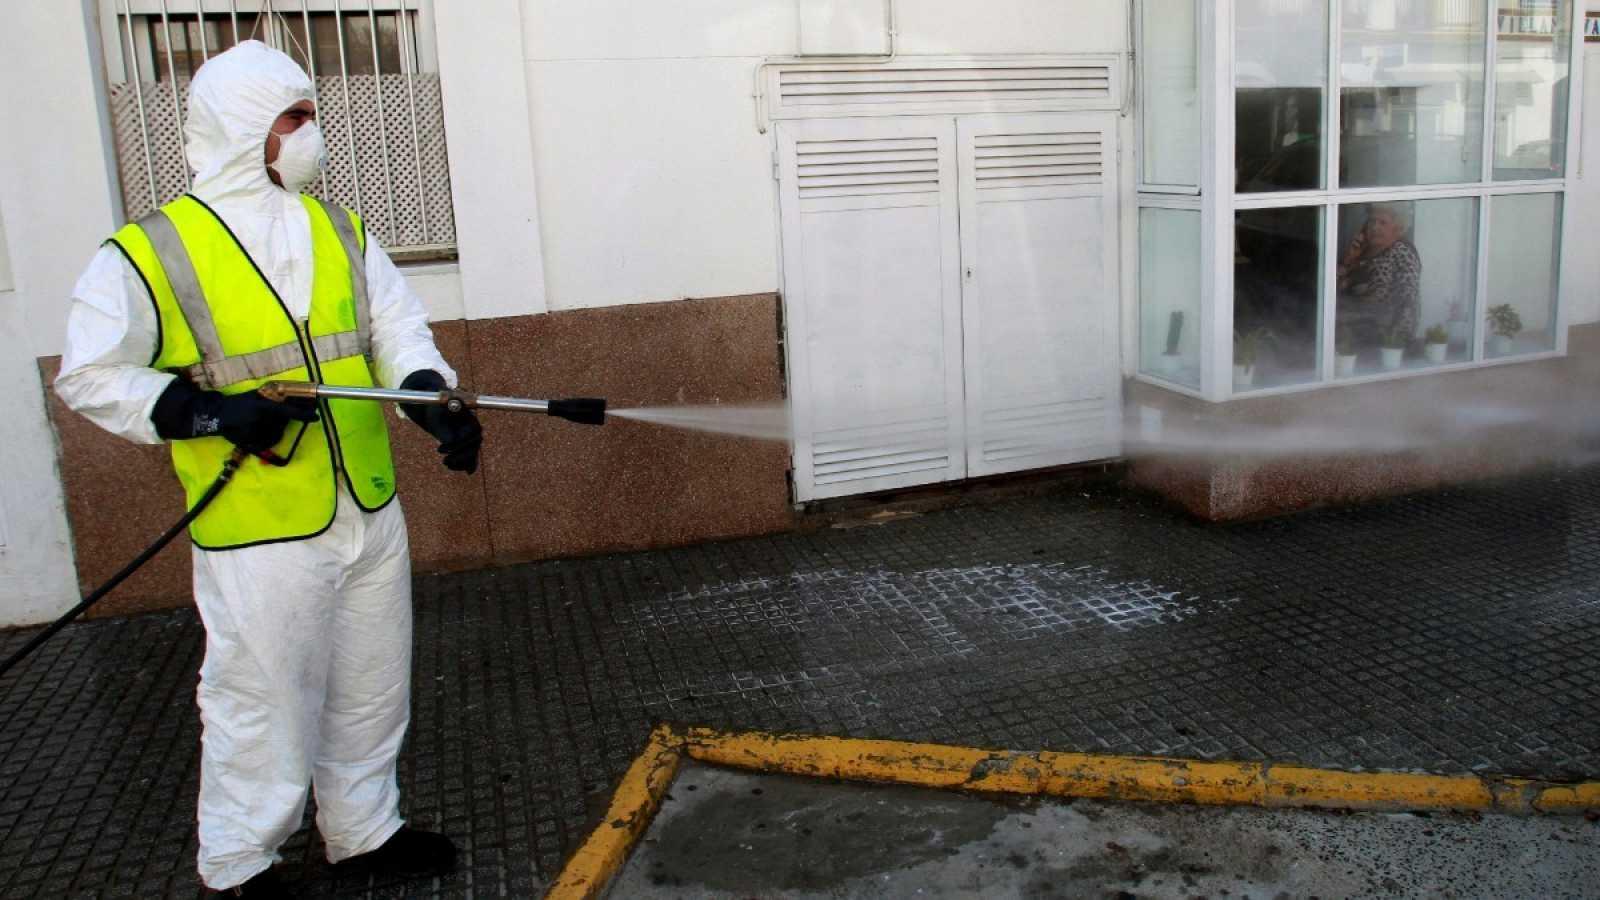 Una mujer habla por teléfono confinada en su casa, mientras observa a un operario desinfectando la calle